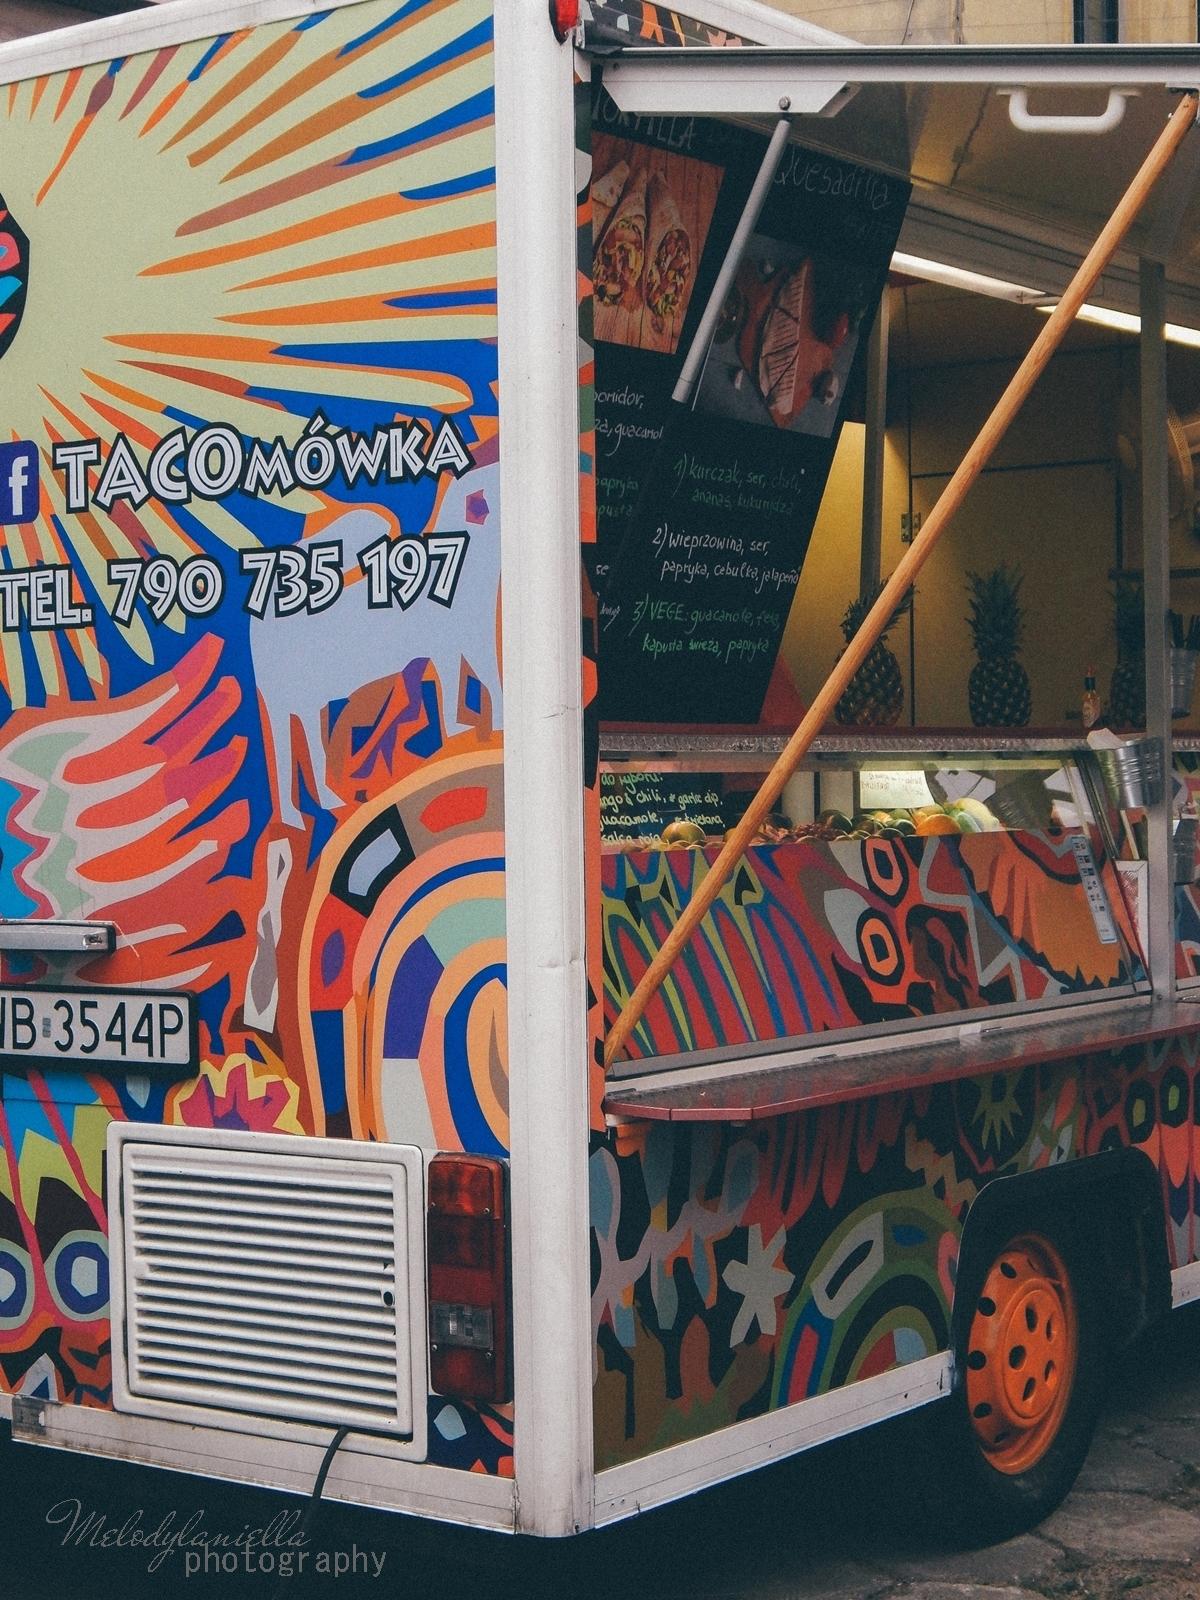 14 XV Łódź Street Food Festival. Uliczna uczta przy Piotrkowskiej 217 before food market lato co zjeść food truck festival łódź bangkok lody tajskie chińskie pierożki na parze baklava tacos kiełbasiarnia kofola